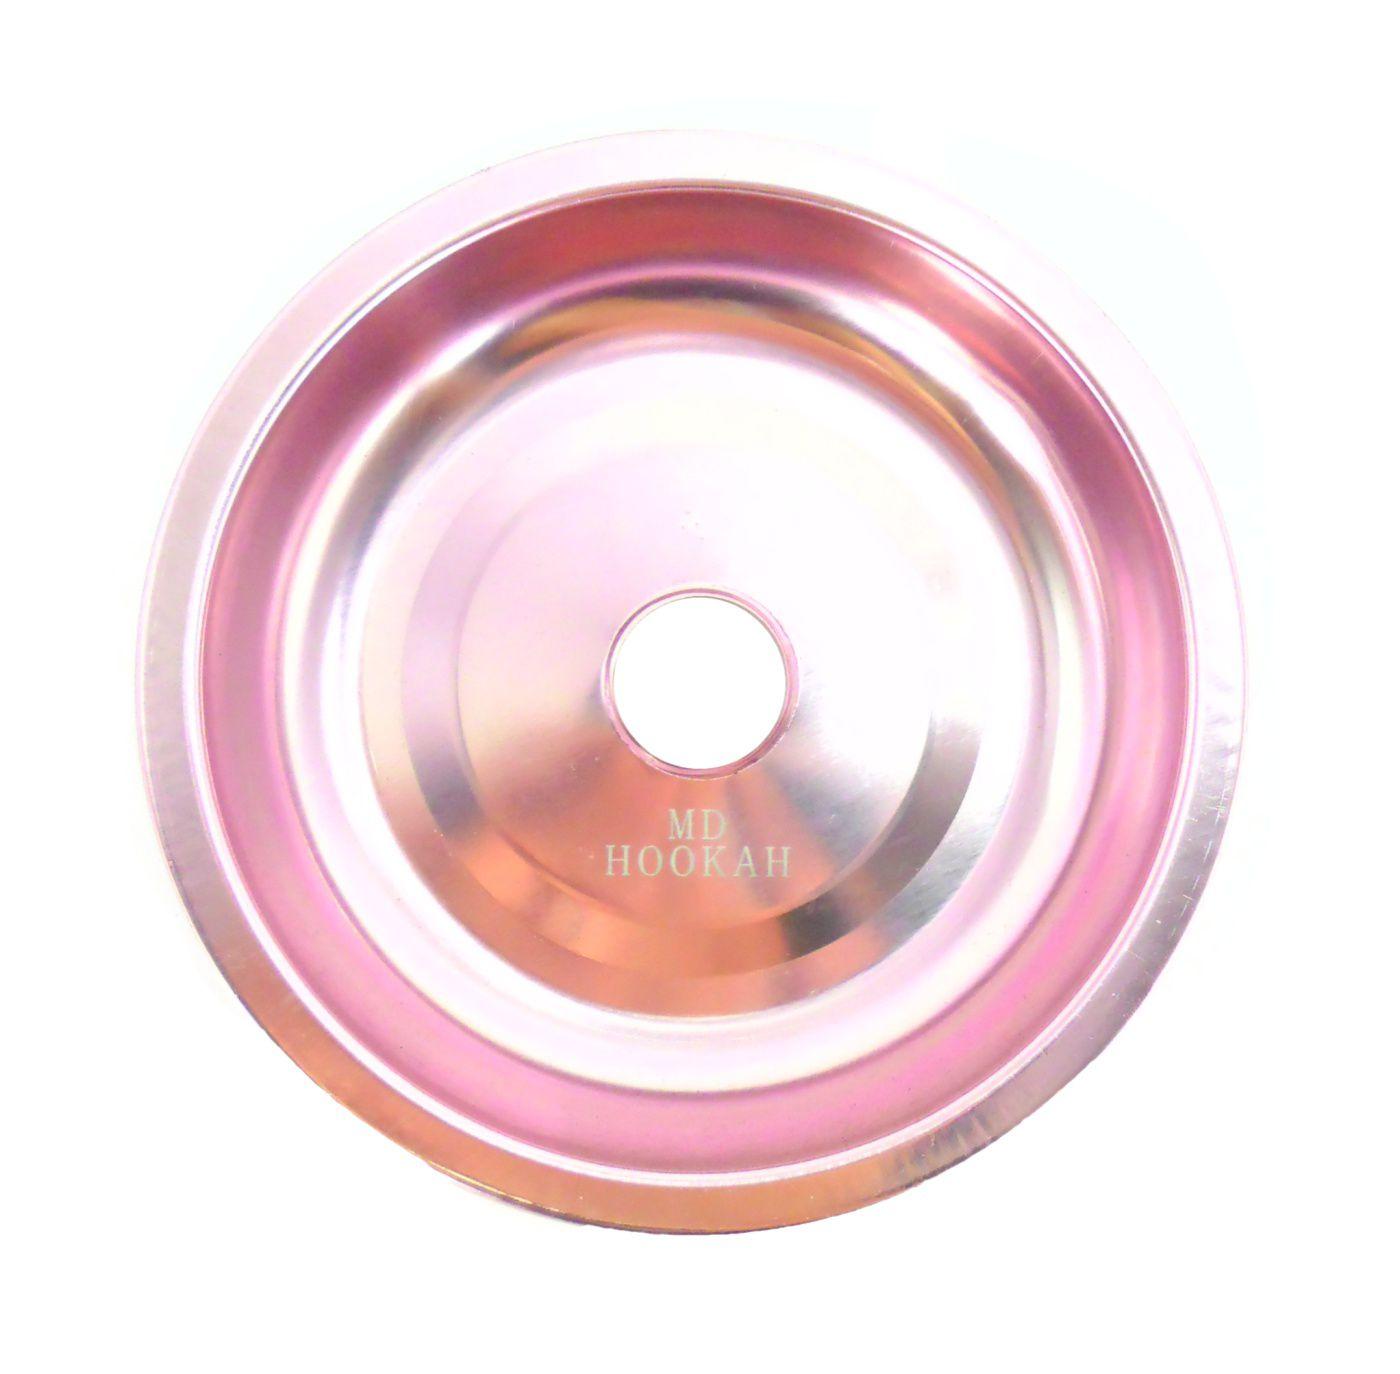 Prato para narguile em alumínio marca MD, tamanho médio (13,3cm de diâmetro, furo 2,2cm).